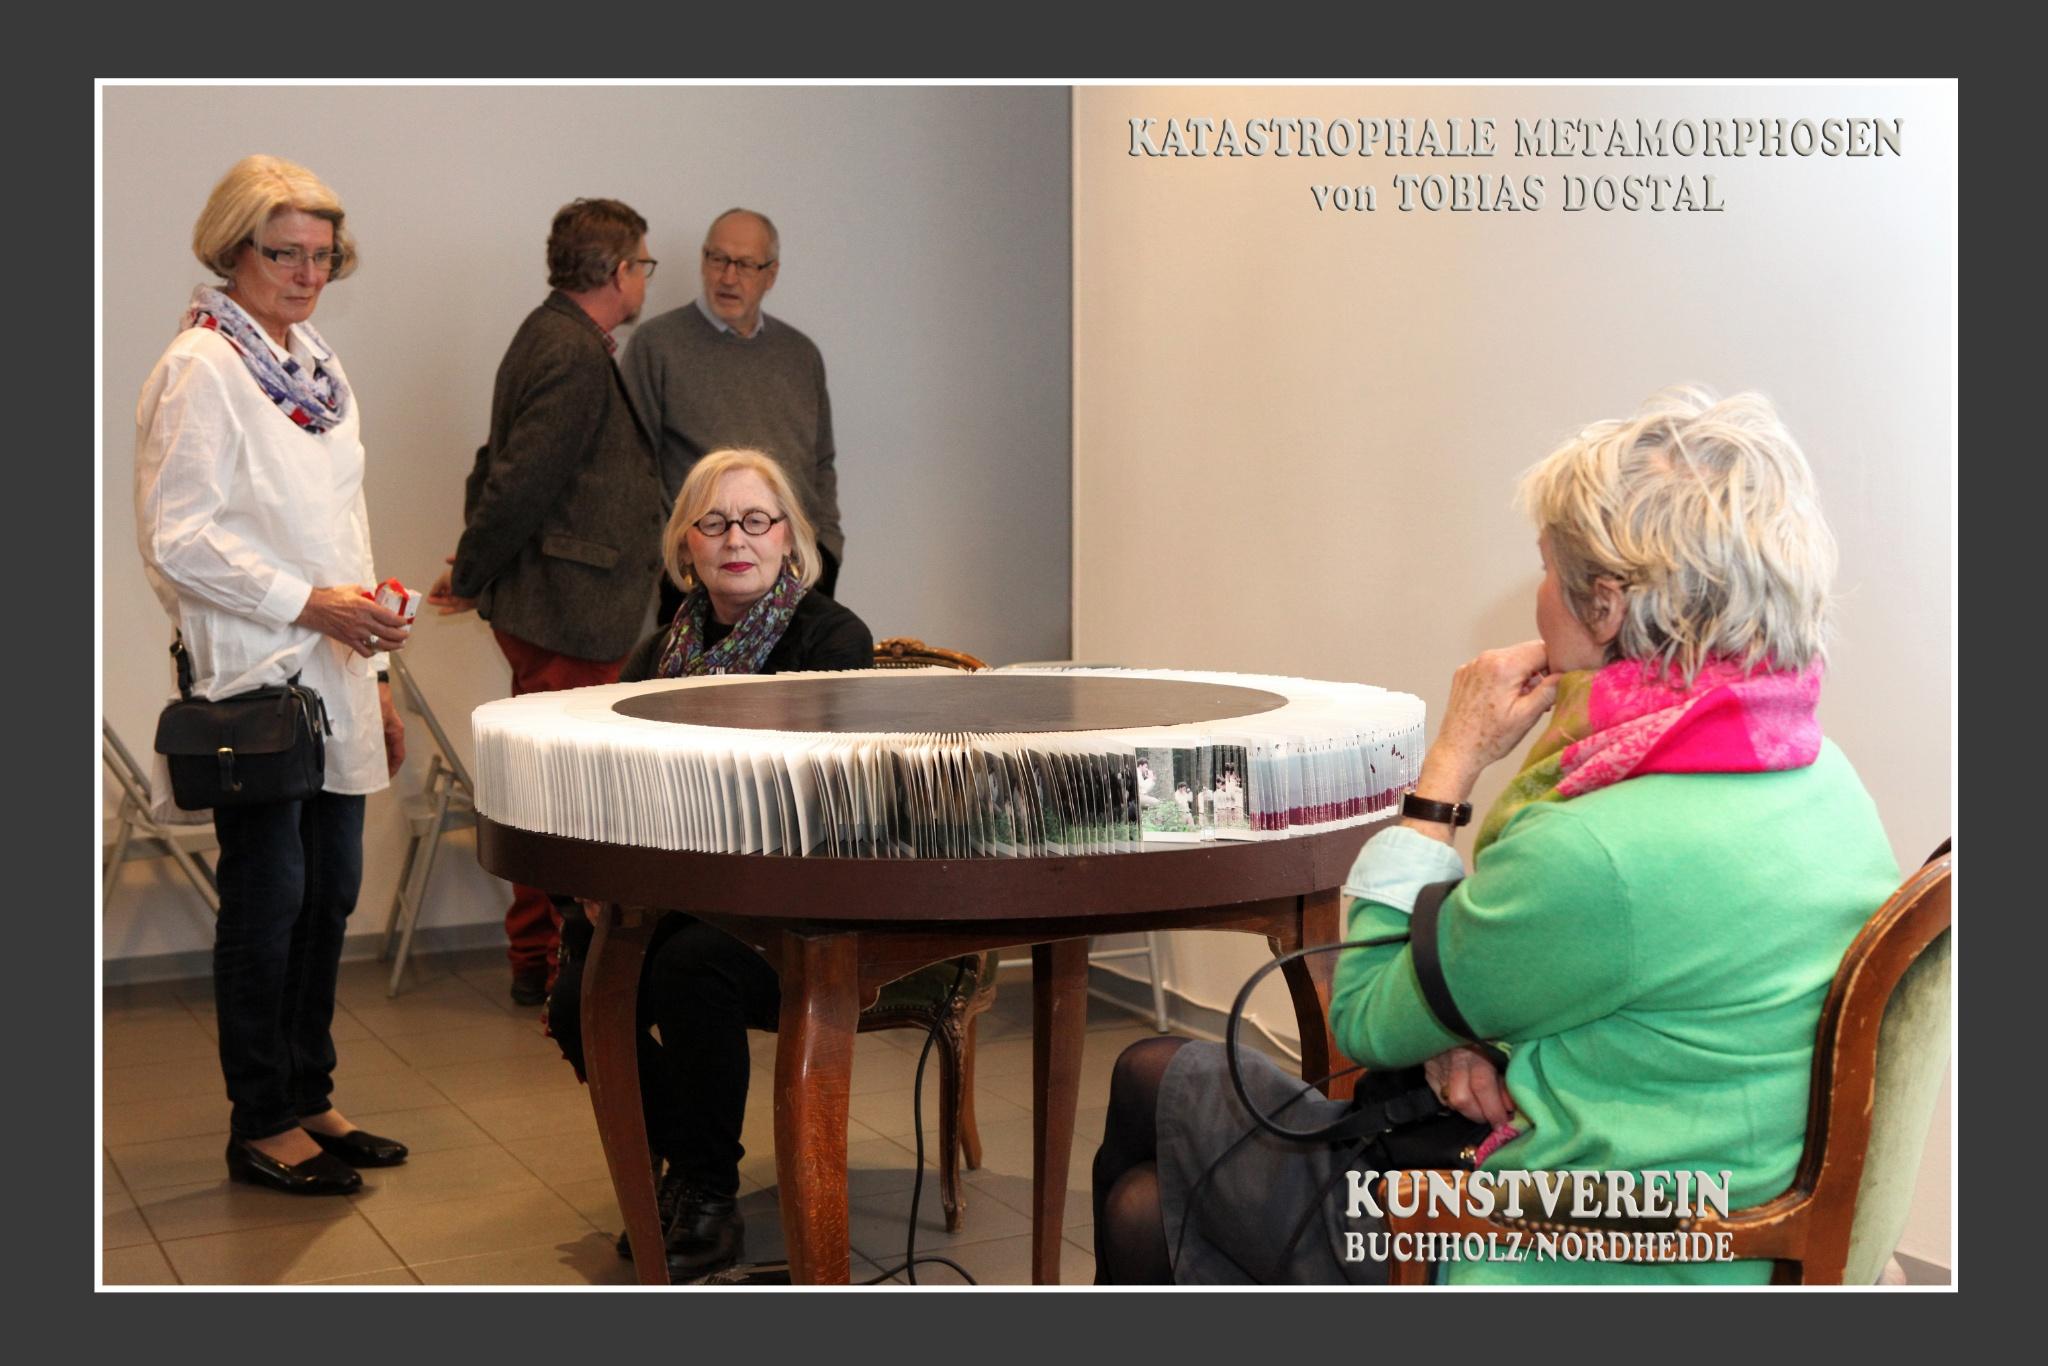 Ausstellungseröffnungellung;  KUNSTVEREIN Buchholz/Nordheide